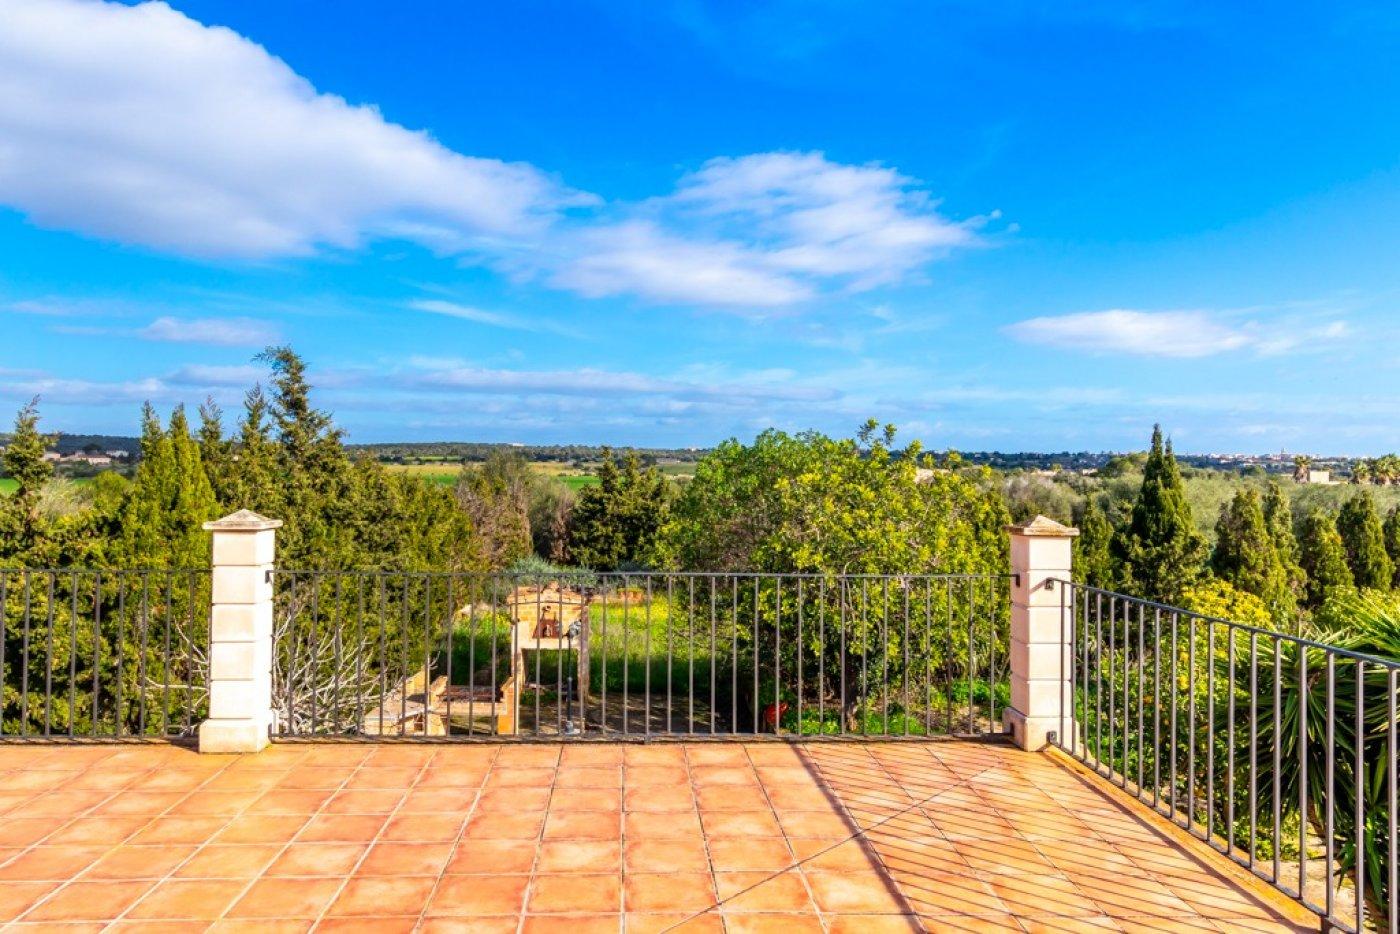 Magnifica villa en ses salines - can somni - ideal inversores turÍsticos - imagenInmueble22